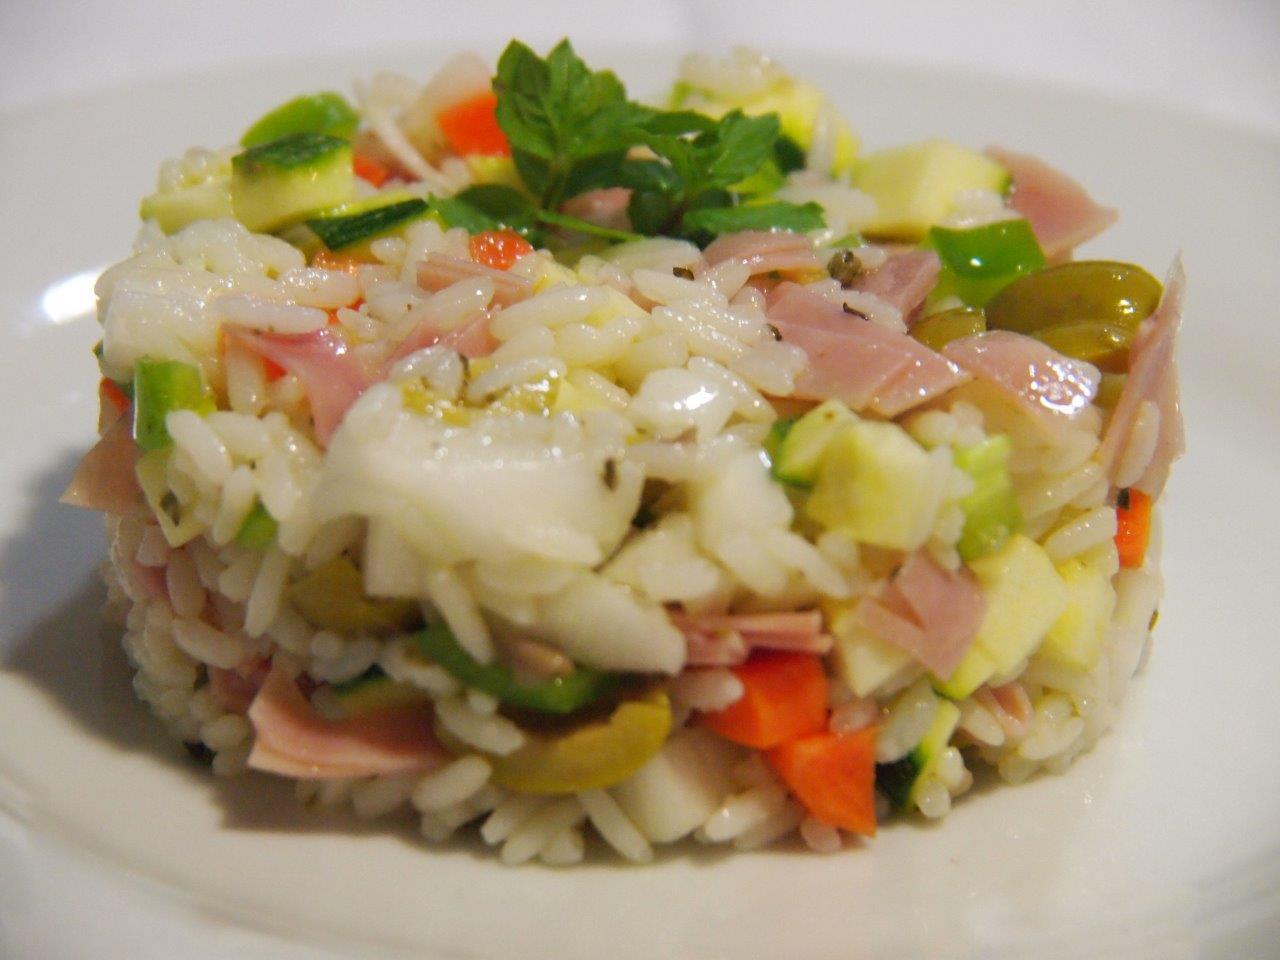 Ensalada de arroz jam n y queso cocina sin carn - Arroz con alcachofas y jamon ...